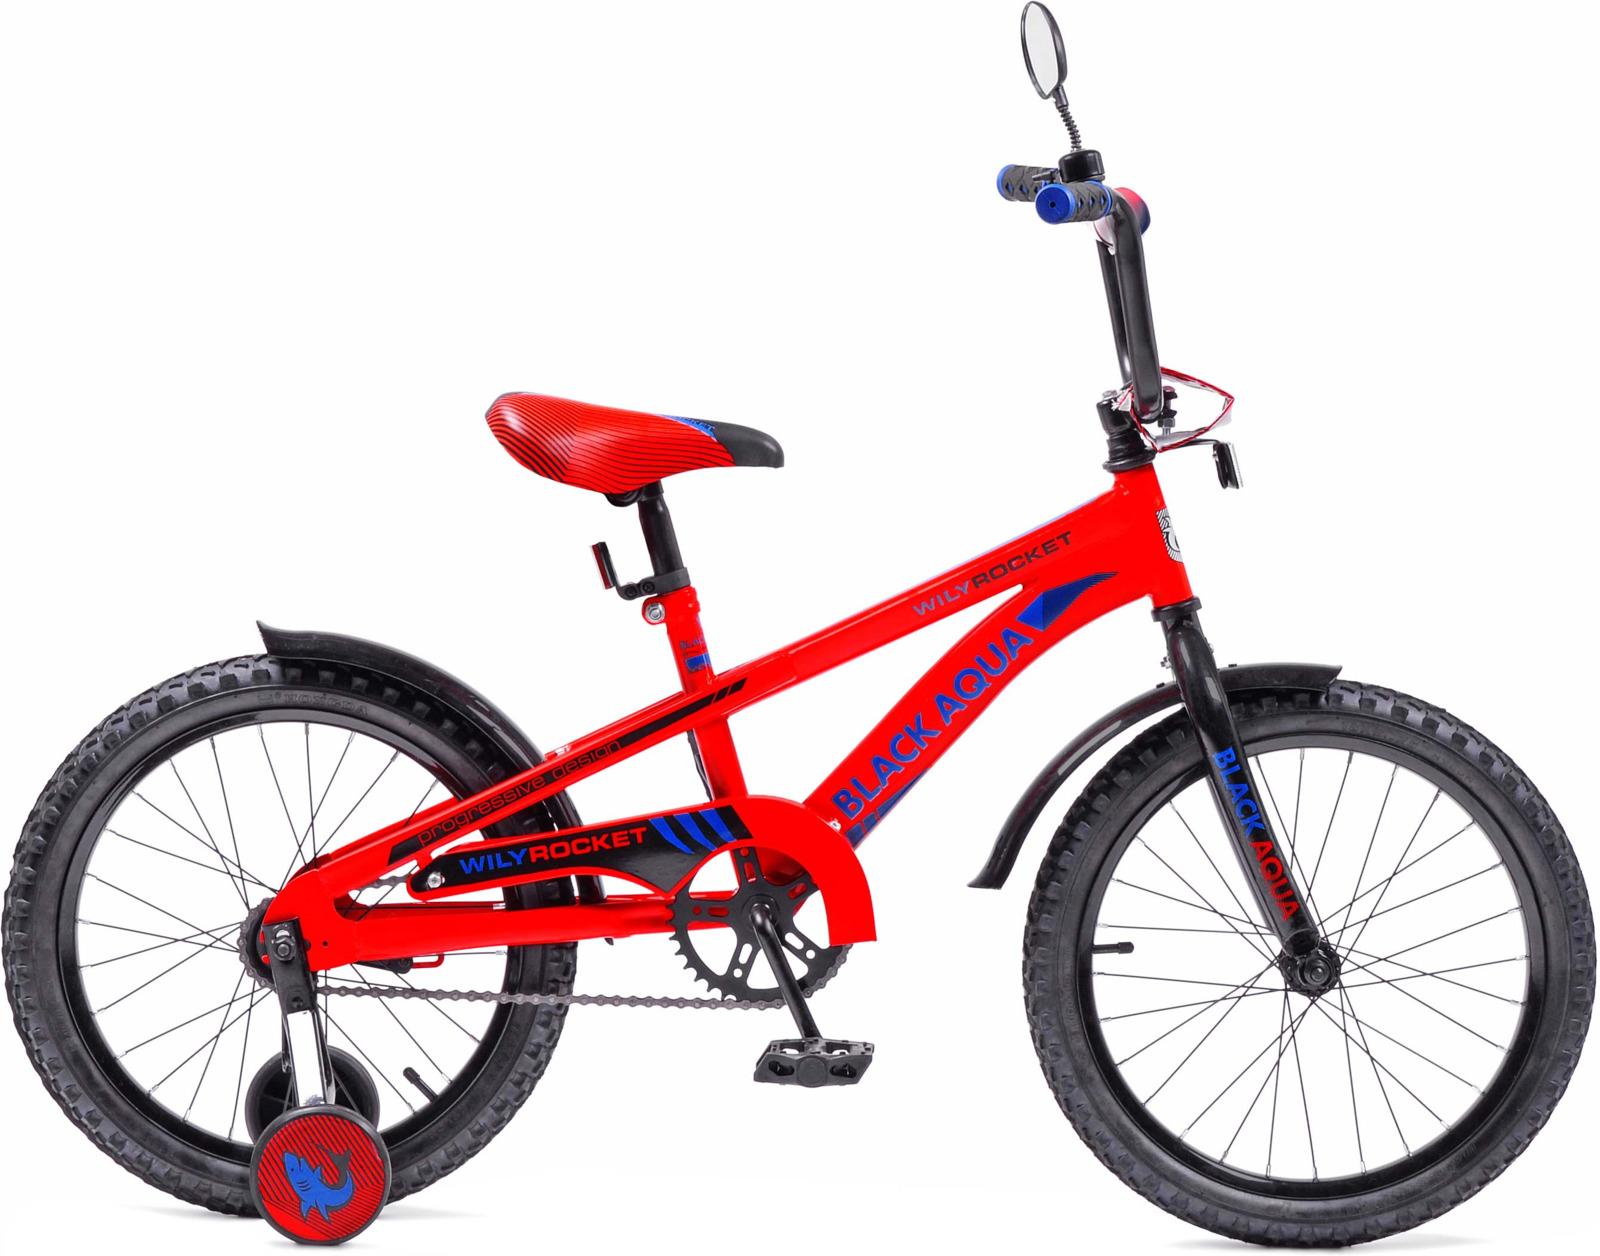 Велосипед детский Black Aqua Wily Rocket, KG2008, колесо 18, огненно-красный